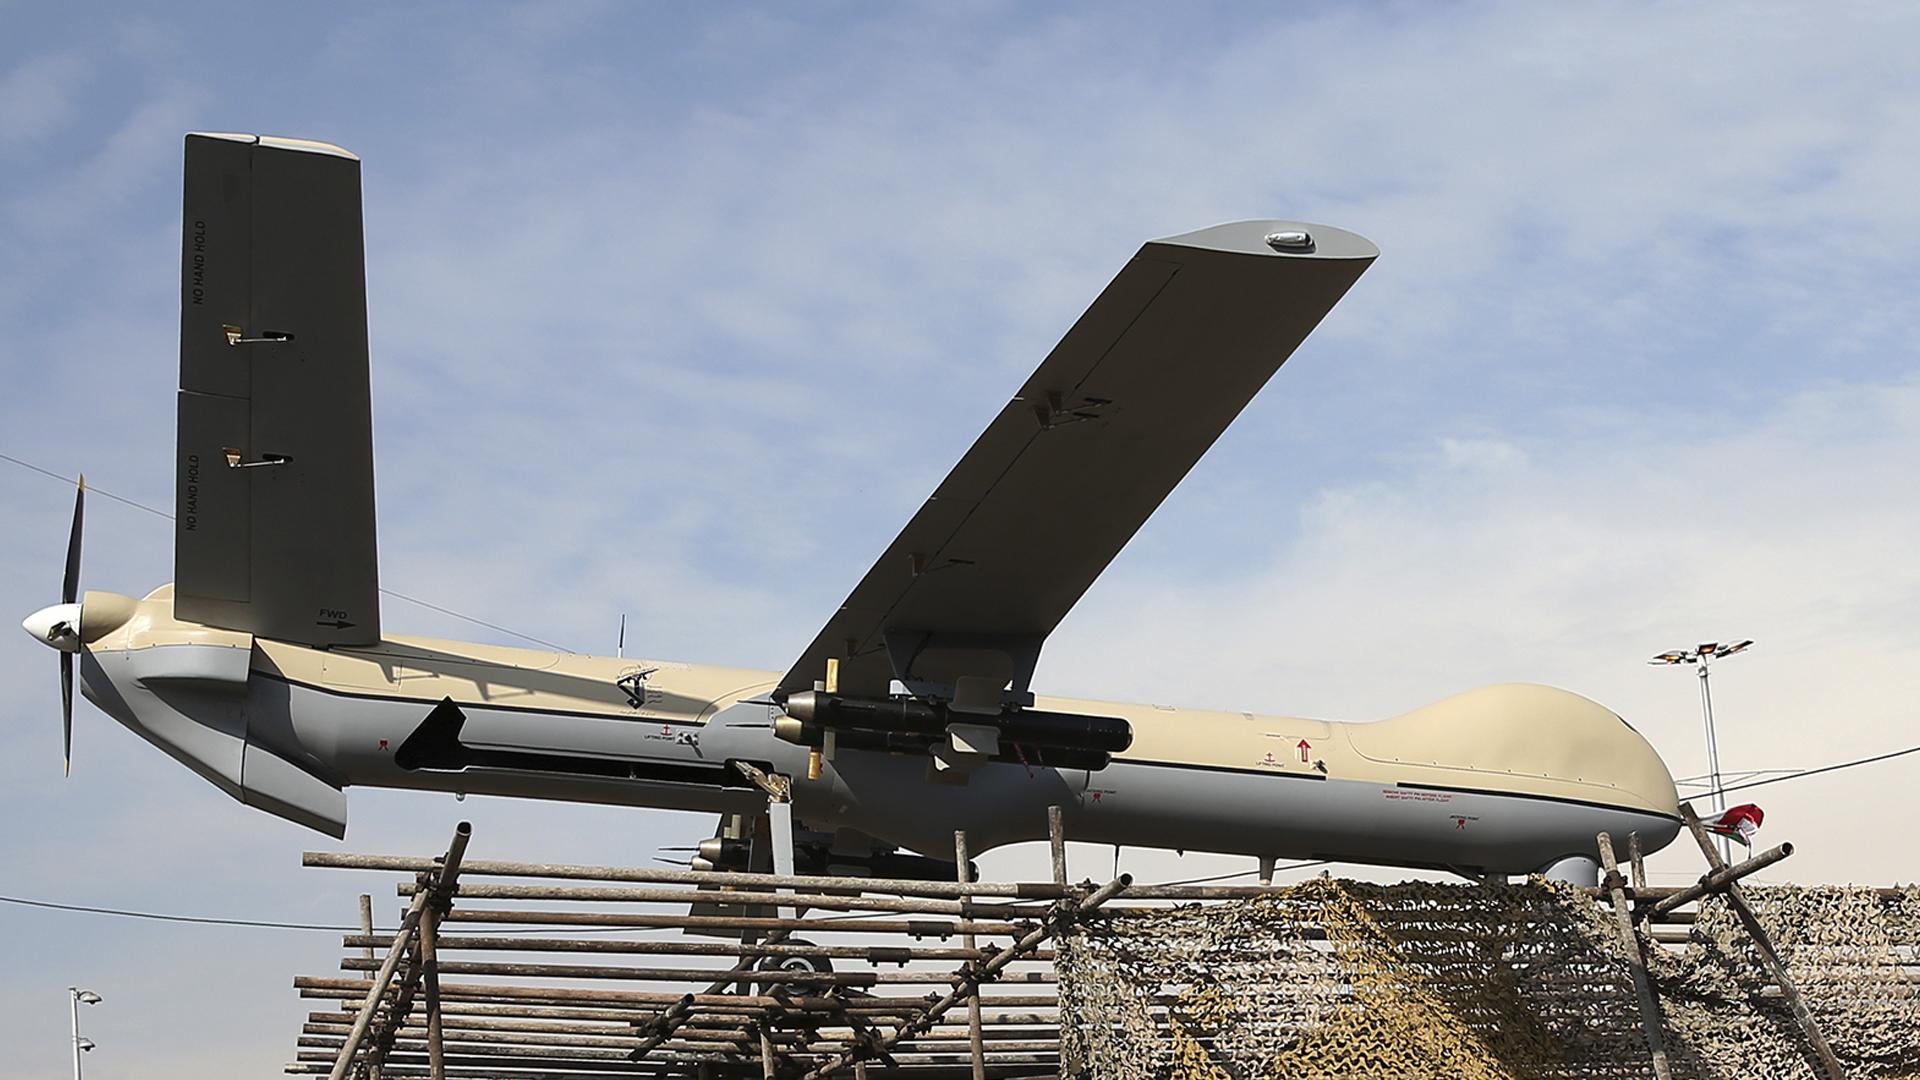 Un modelo dedrone utilizado por Irán. El país es una potencia en fabricación y operación de aviones no tripulados